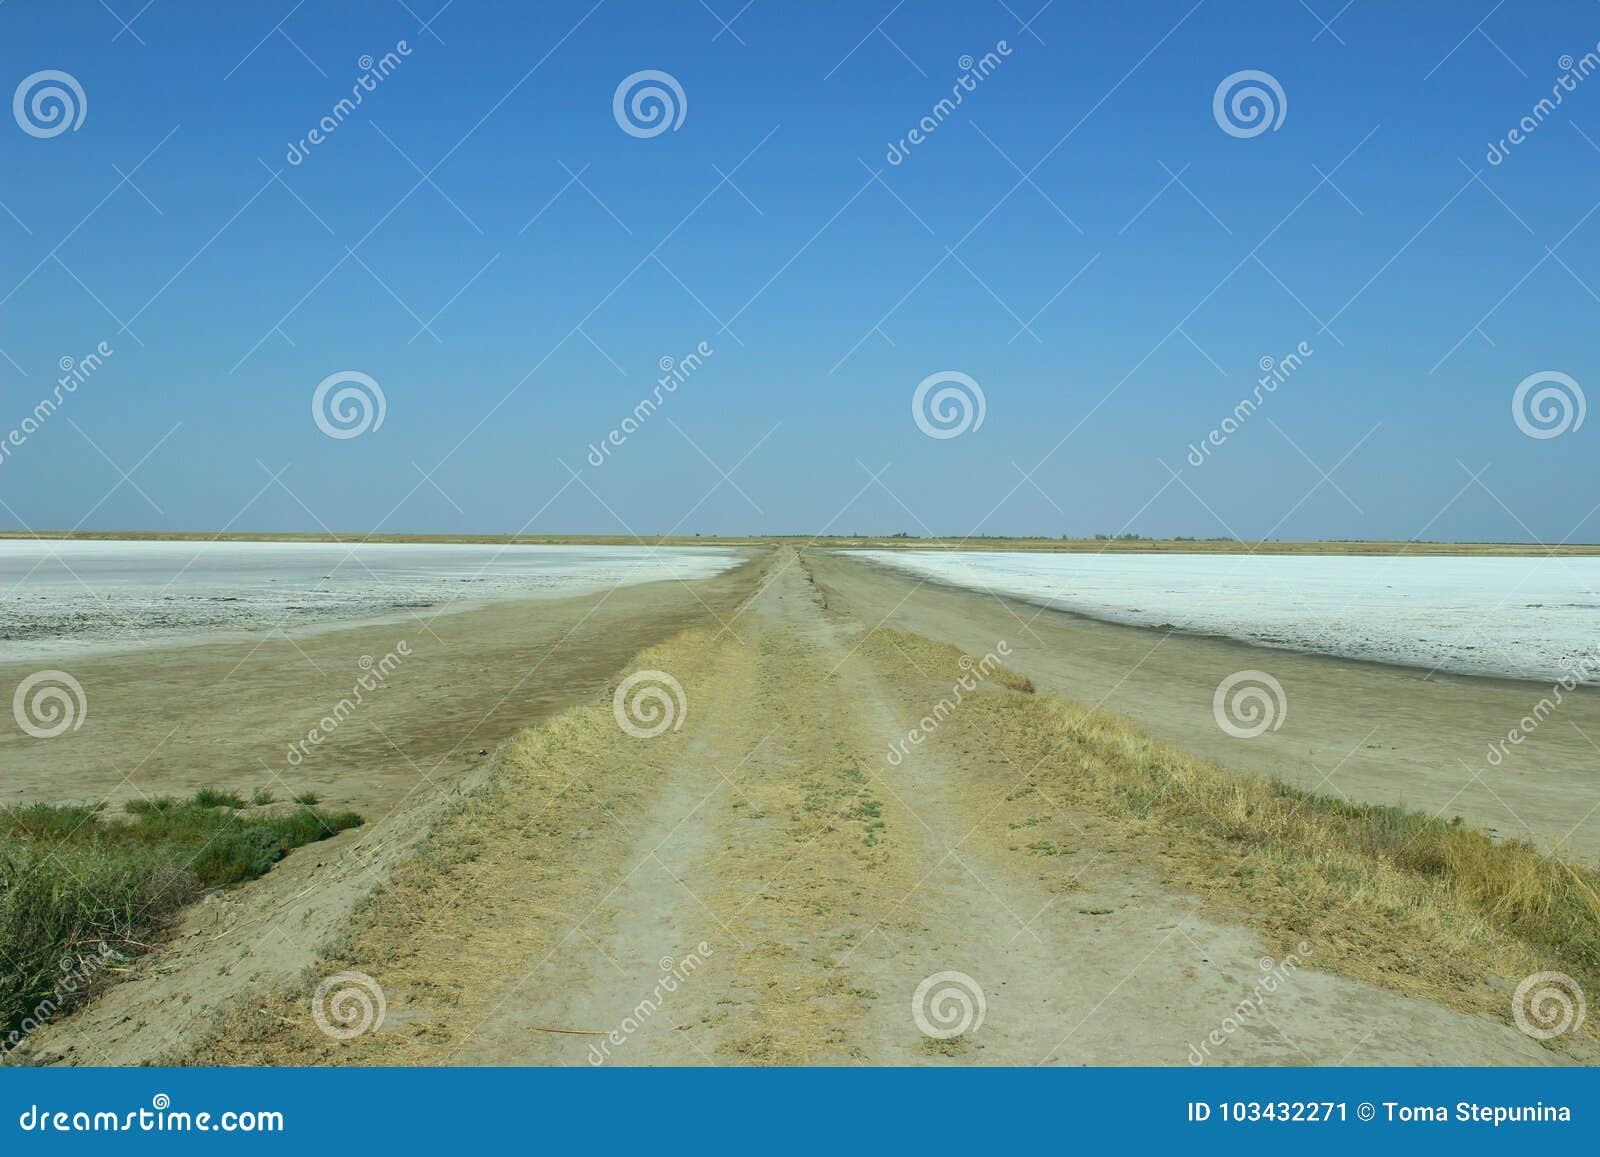 Długa droga gdzieś